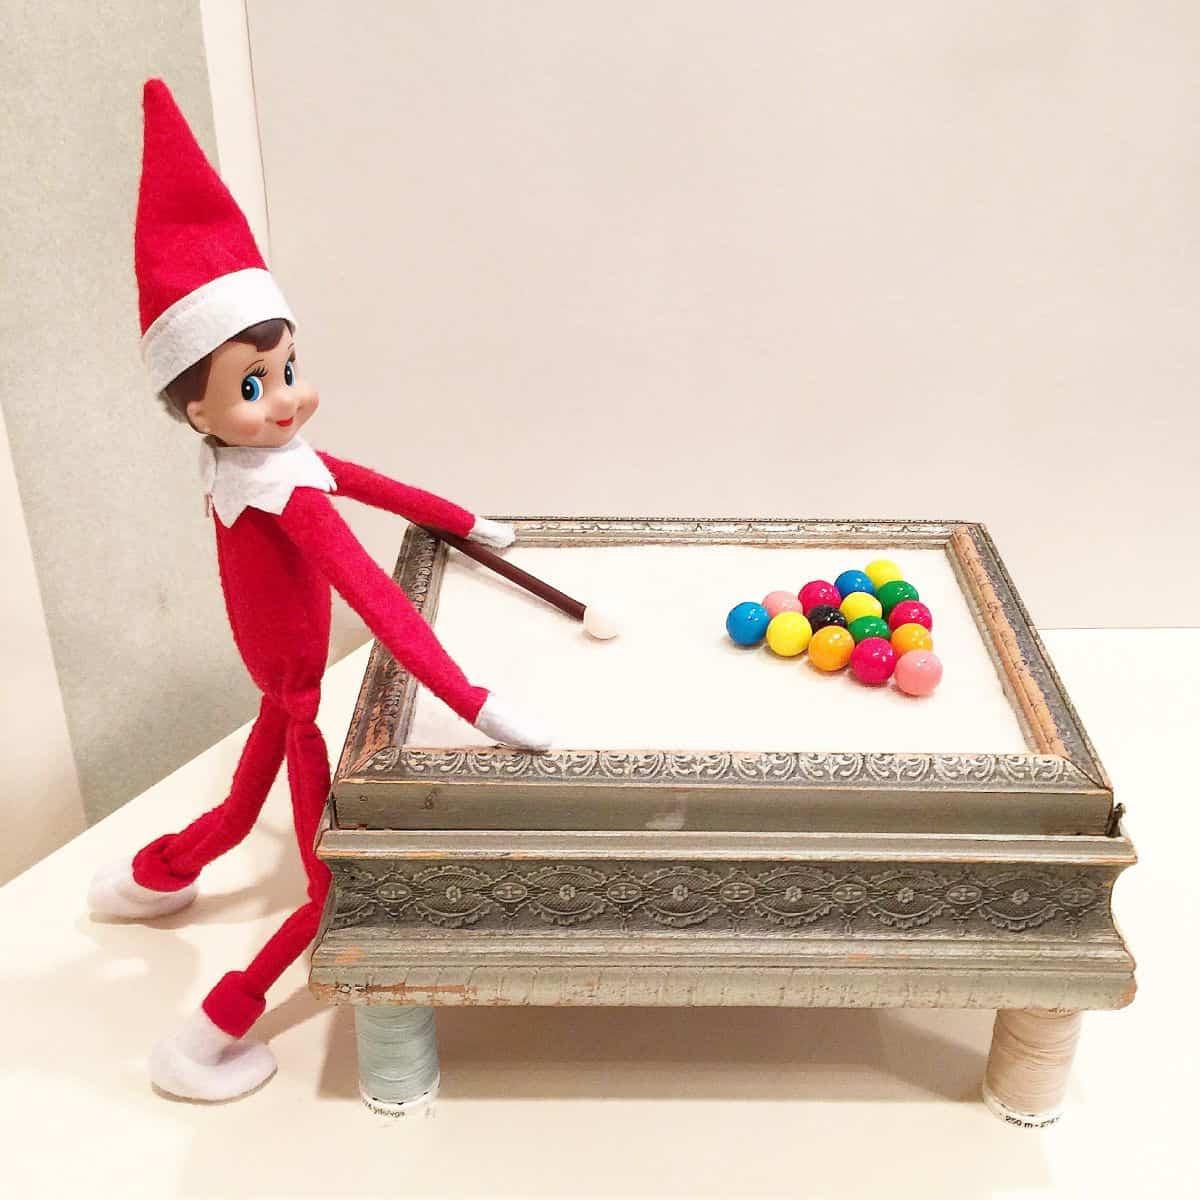 Elf playing pool